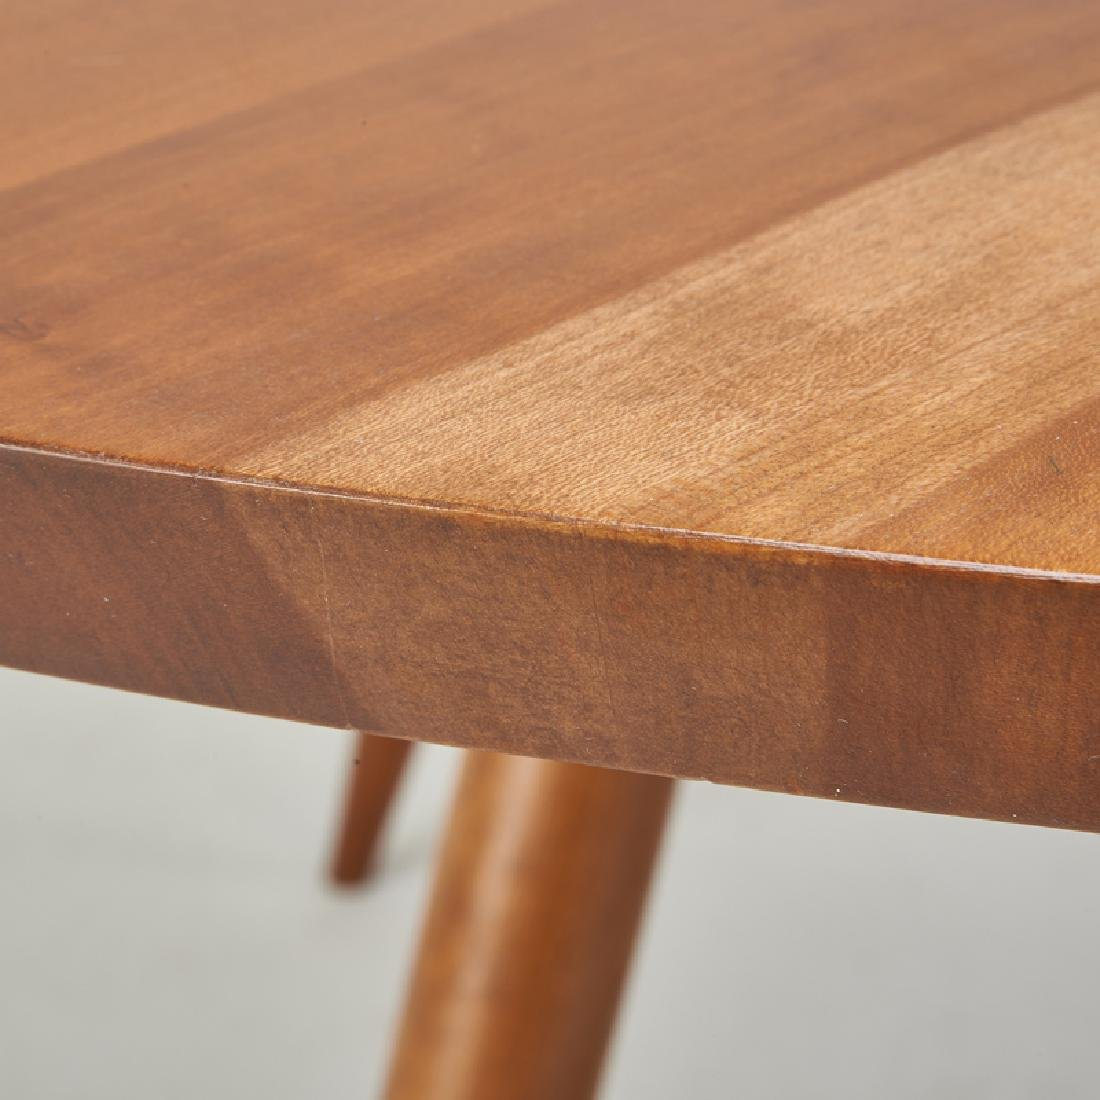 GEORGE NAKASHIMA Turned-Leg dining table - 5